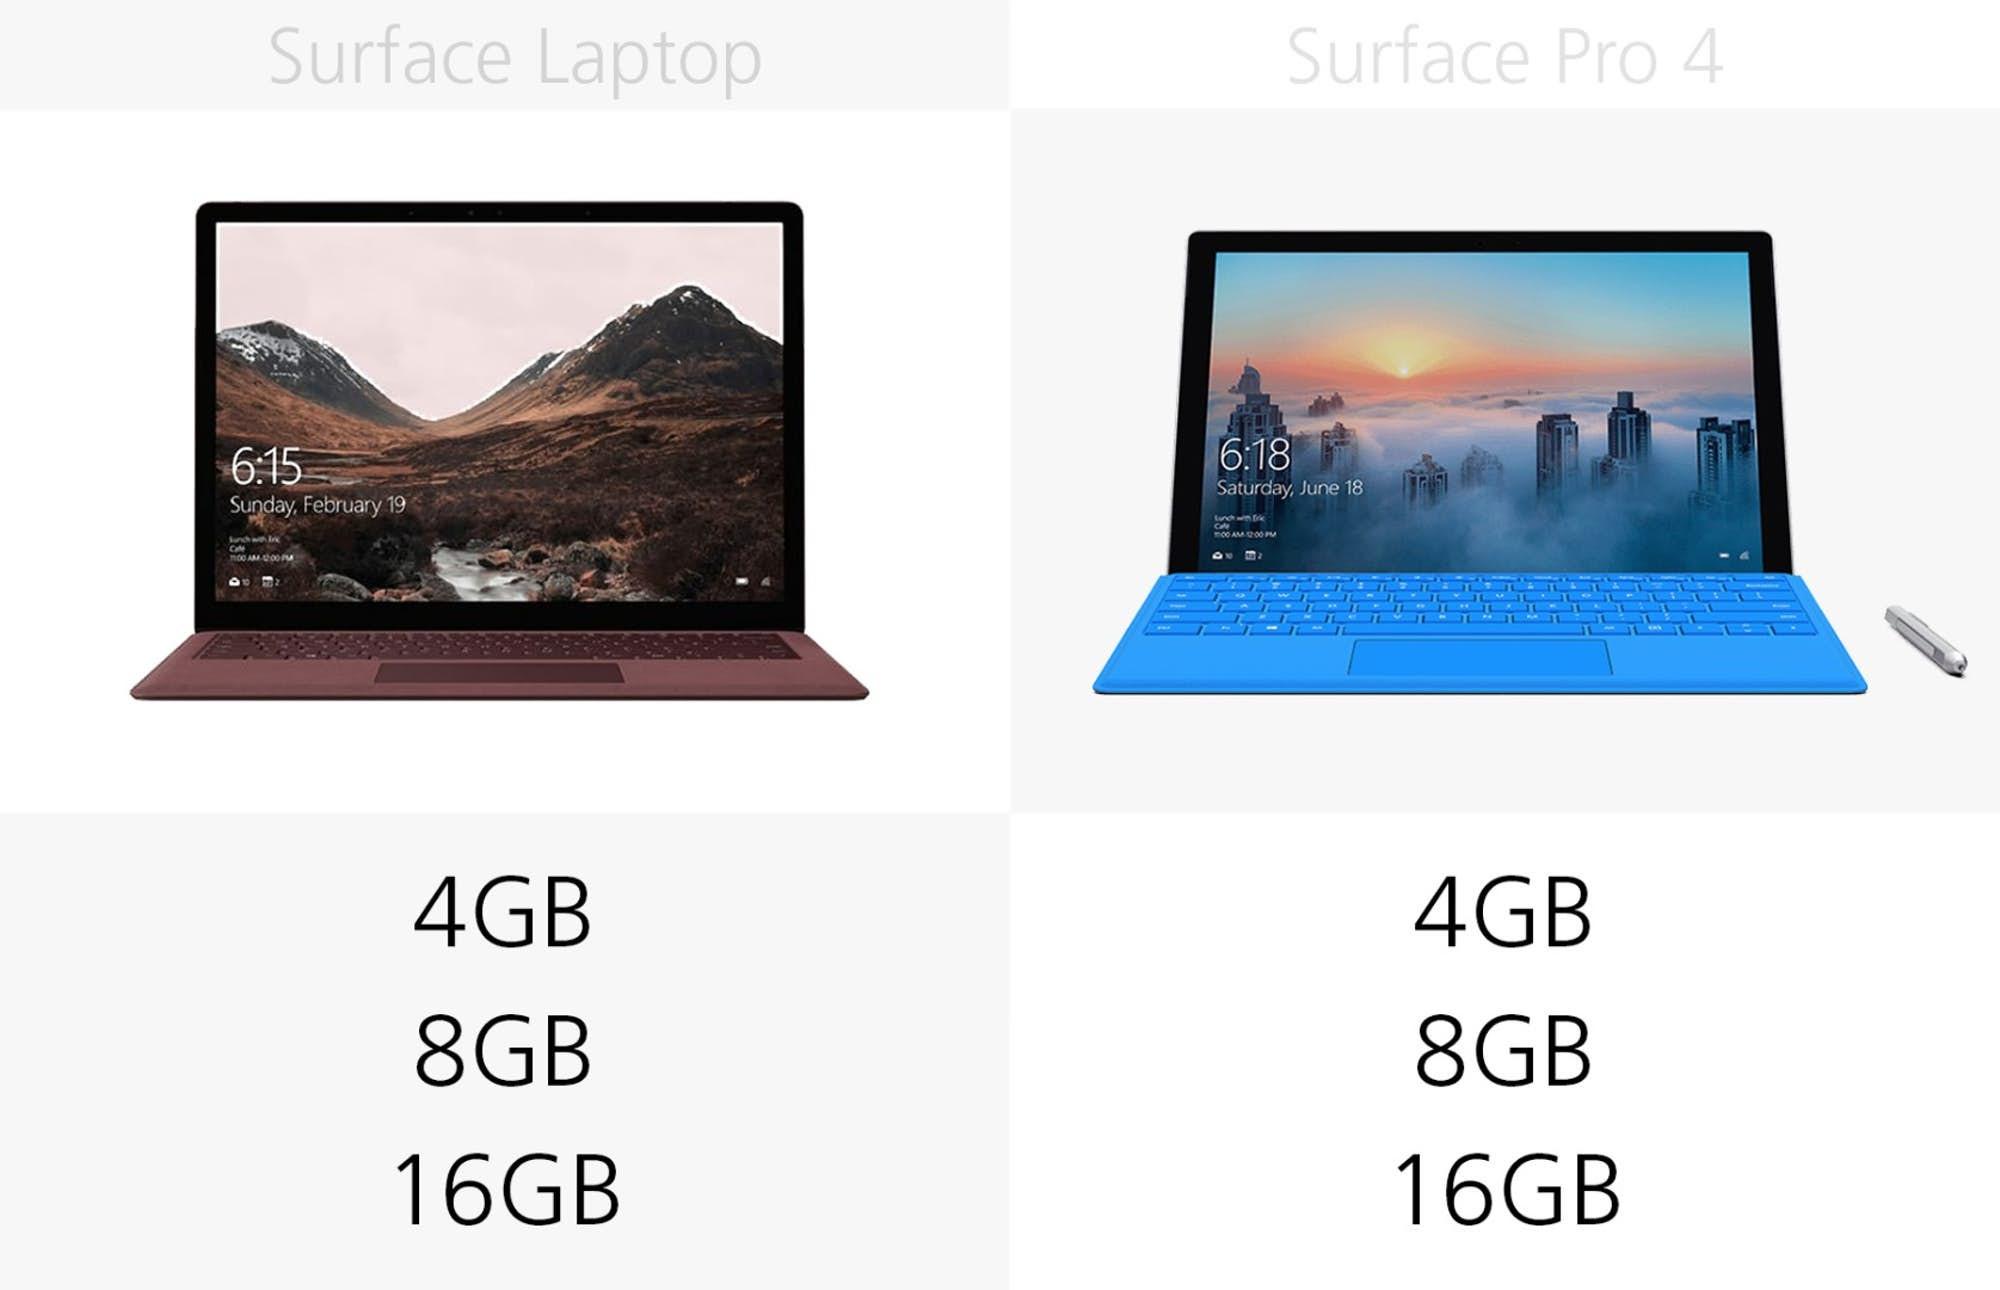 1493969727_microsoft-surface-laptop-vs-surface-pro-4-specs-comparison-11.jpg